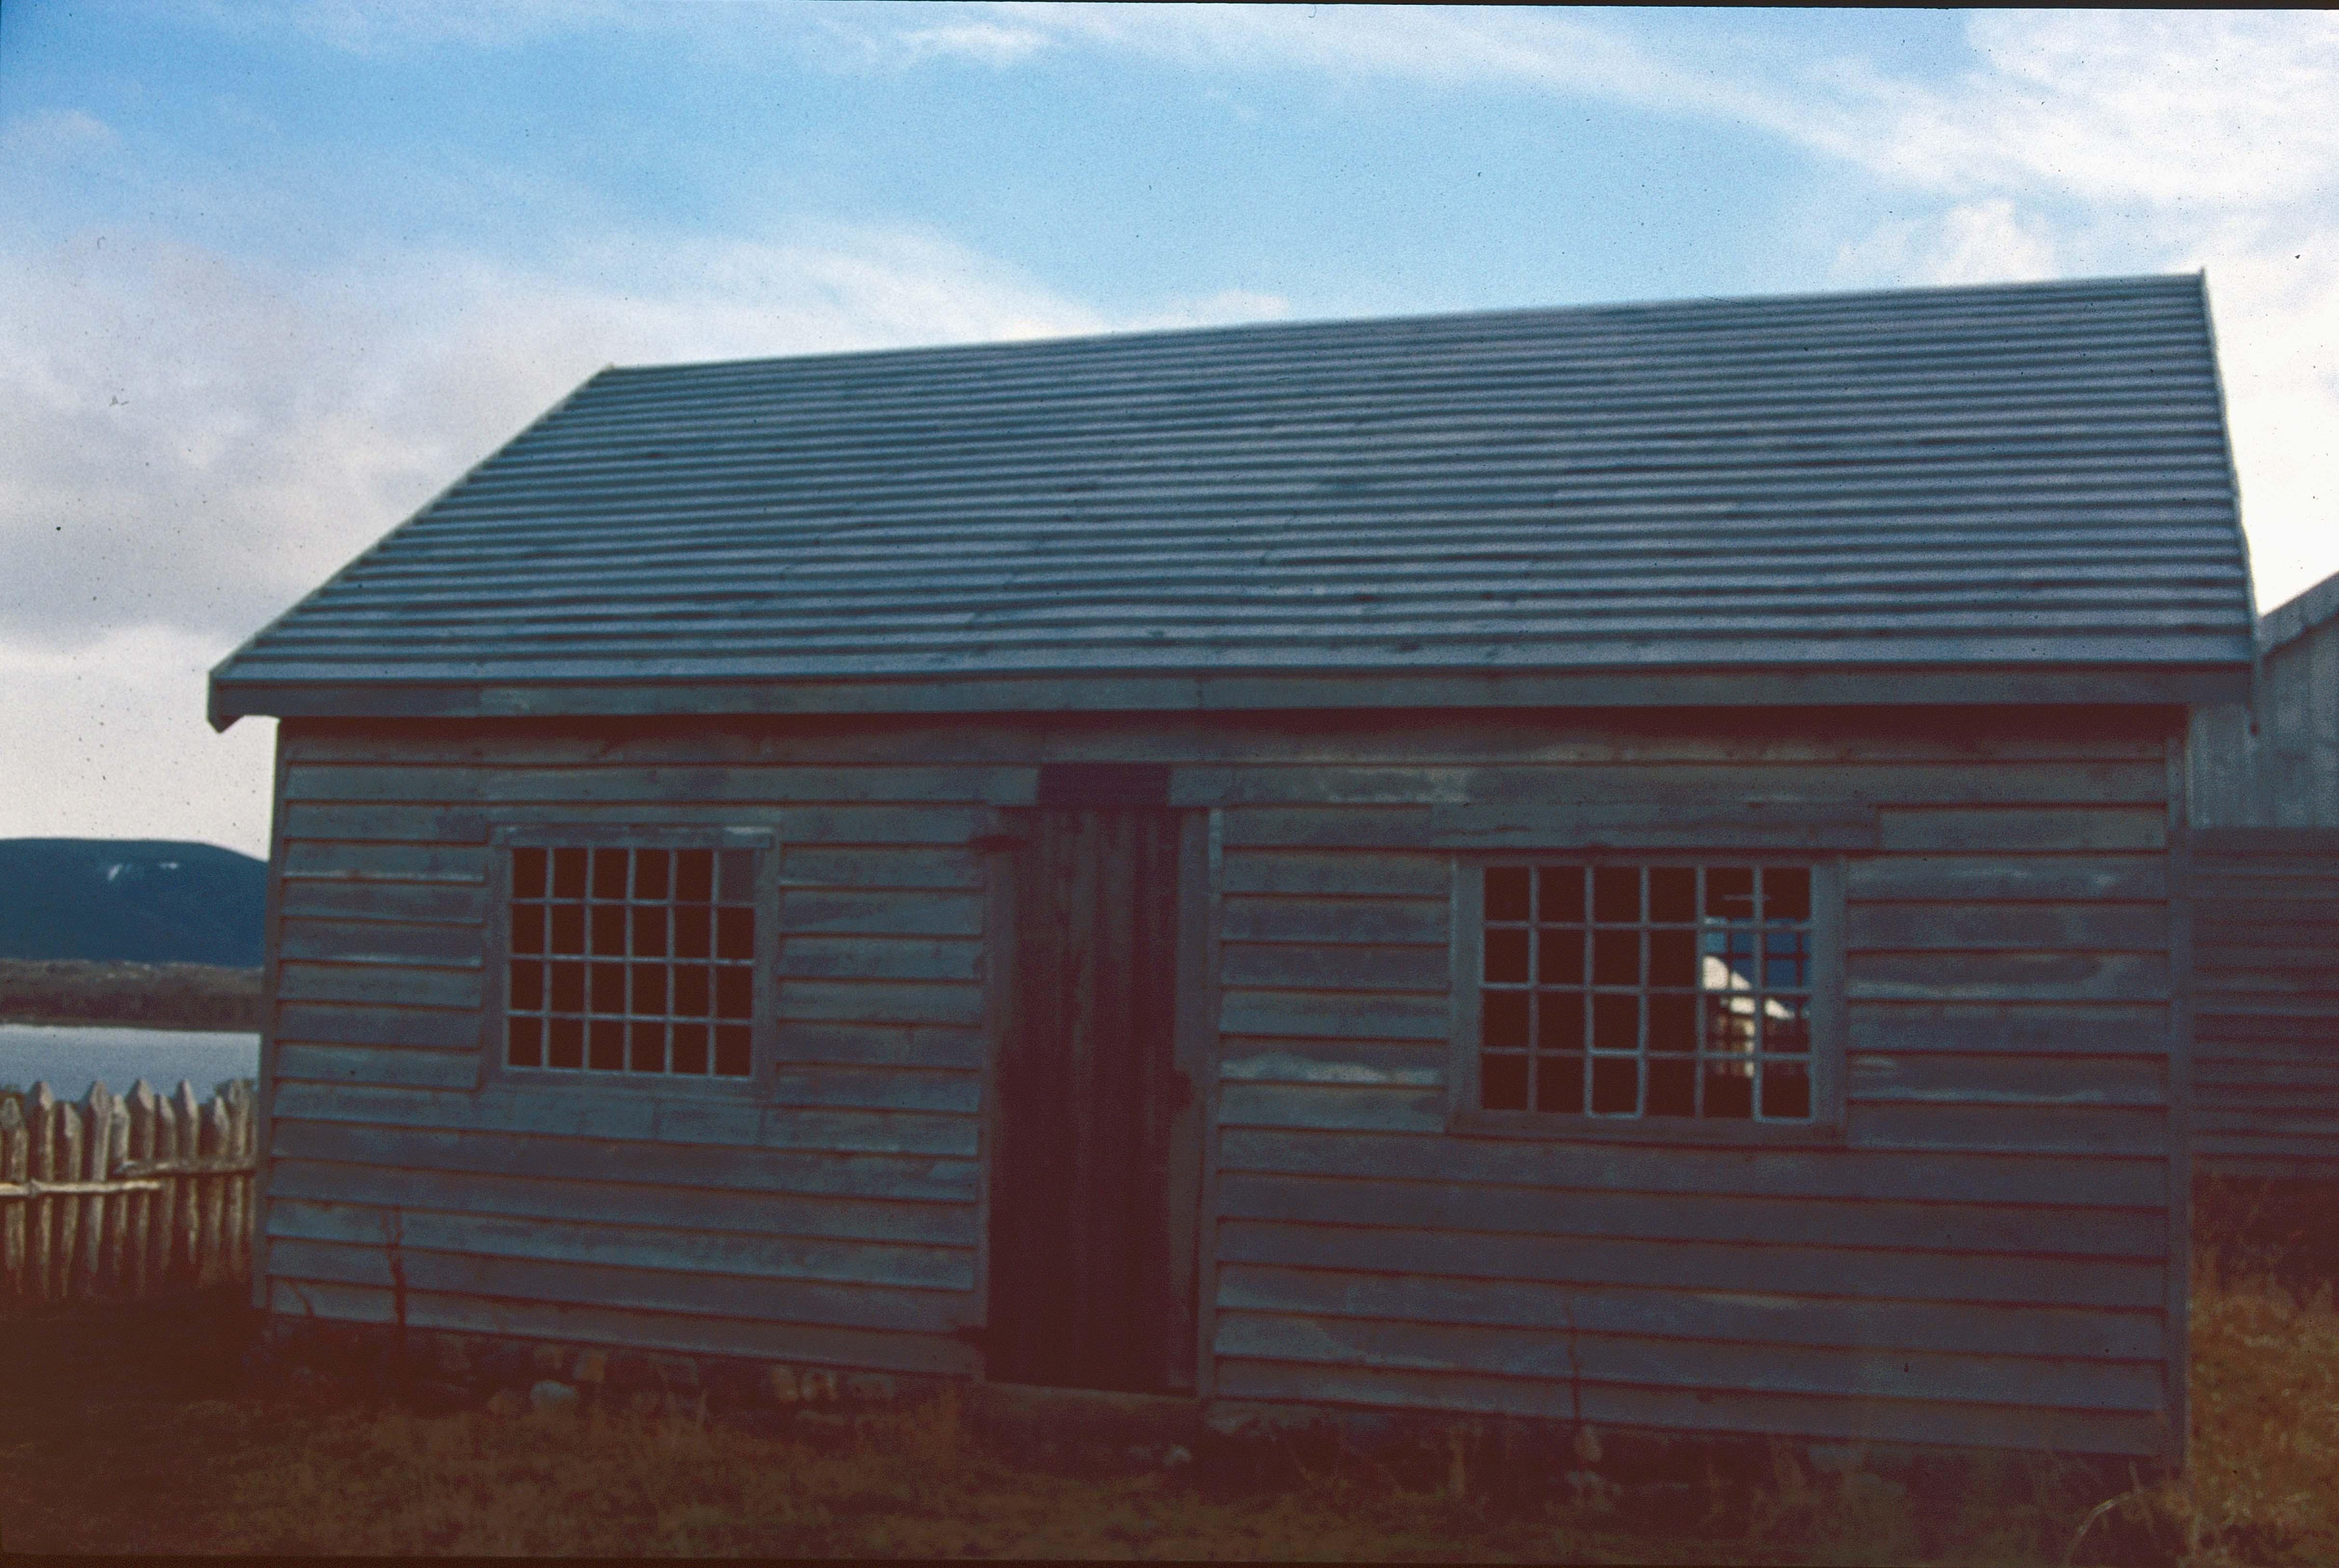 Enterreno - Fotos históricas de chile - fotos antiguas de Chile - Casa en la Patagonia, 90s